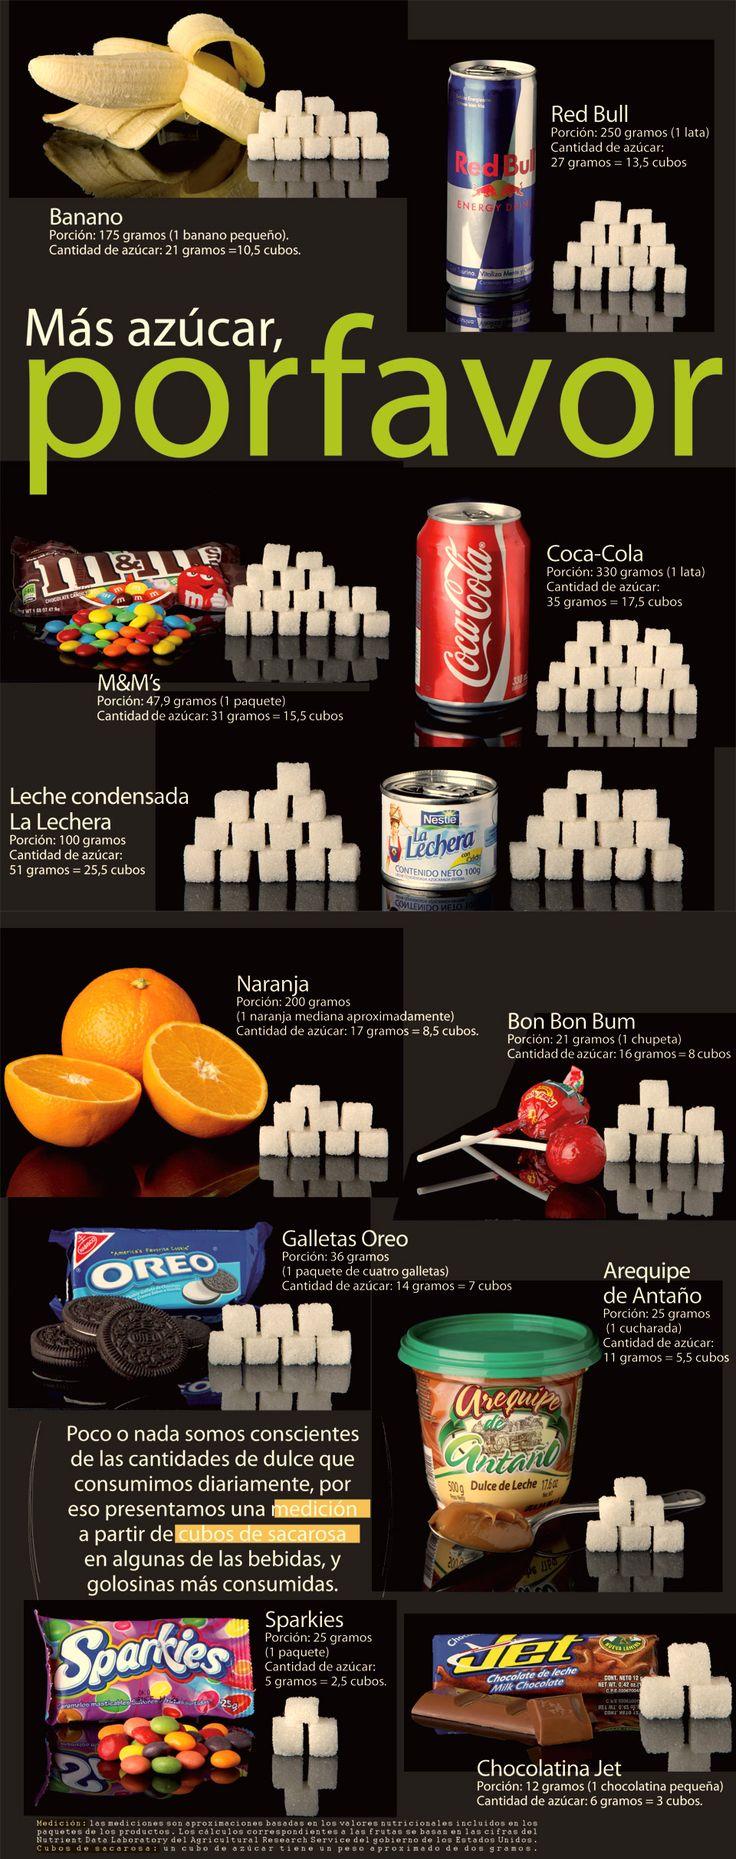 ¿Sabía que una coca-cola contiene en dulce el equivalente a 17,5 cubos de azúcar?.